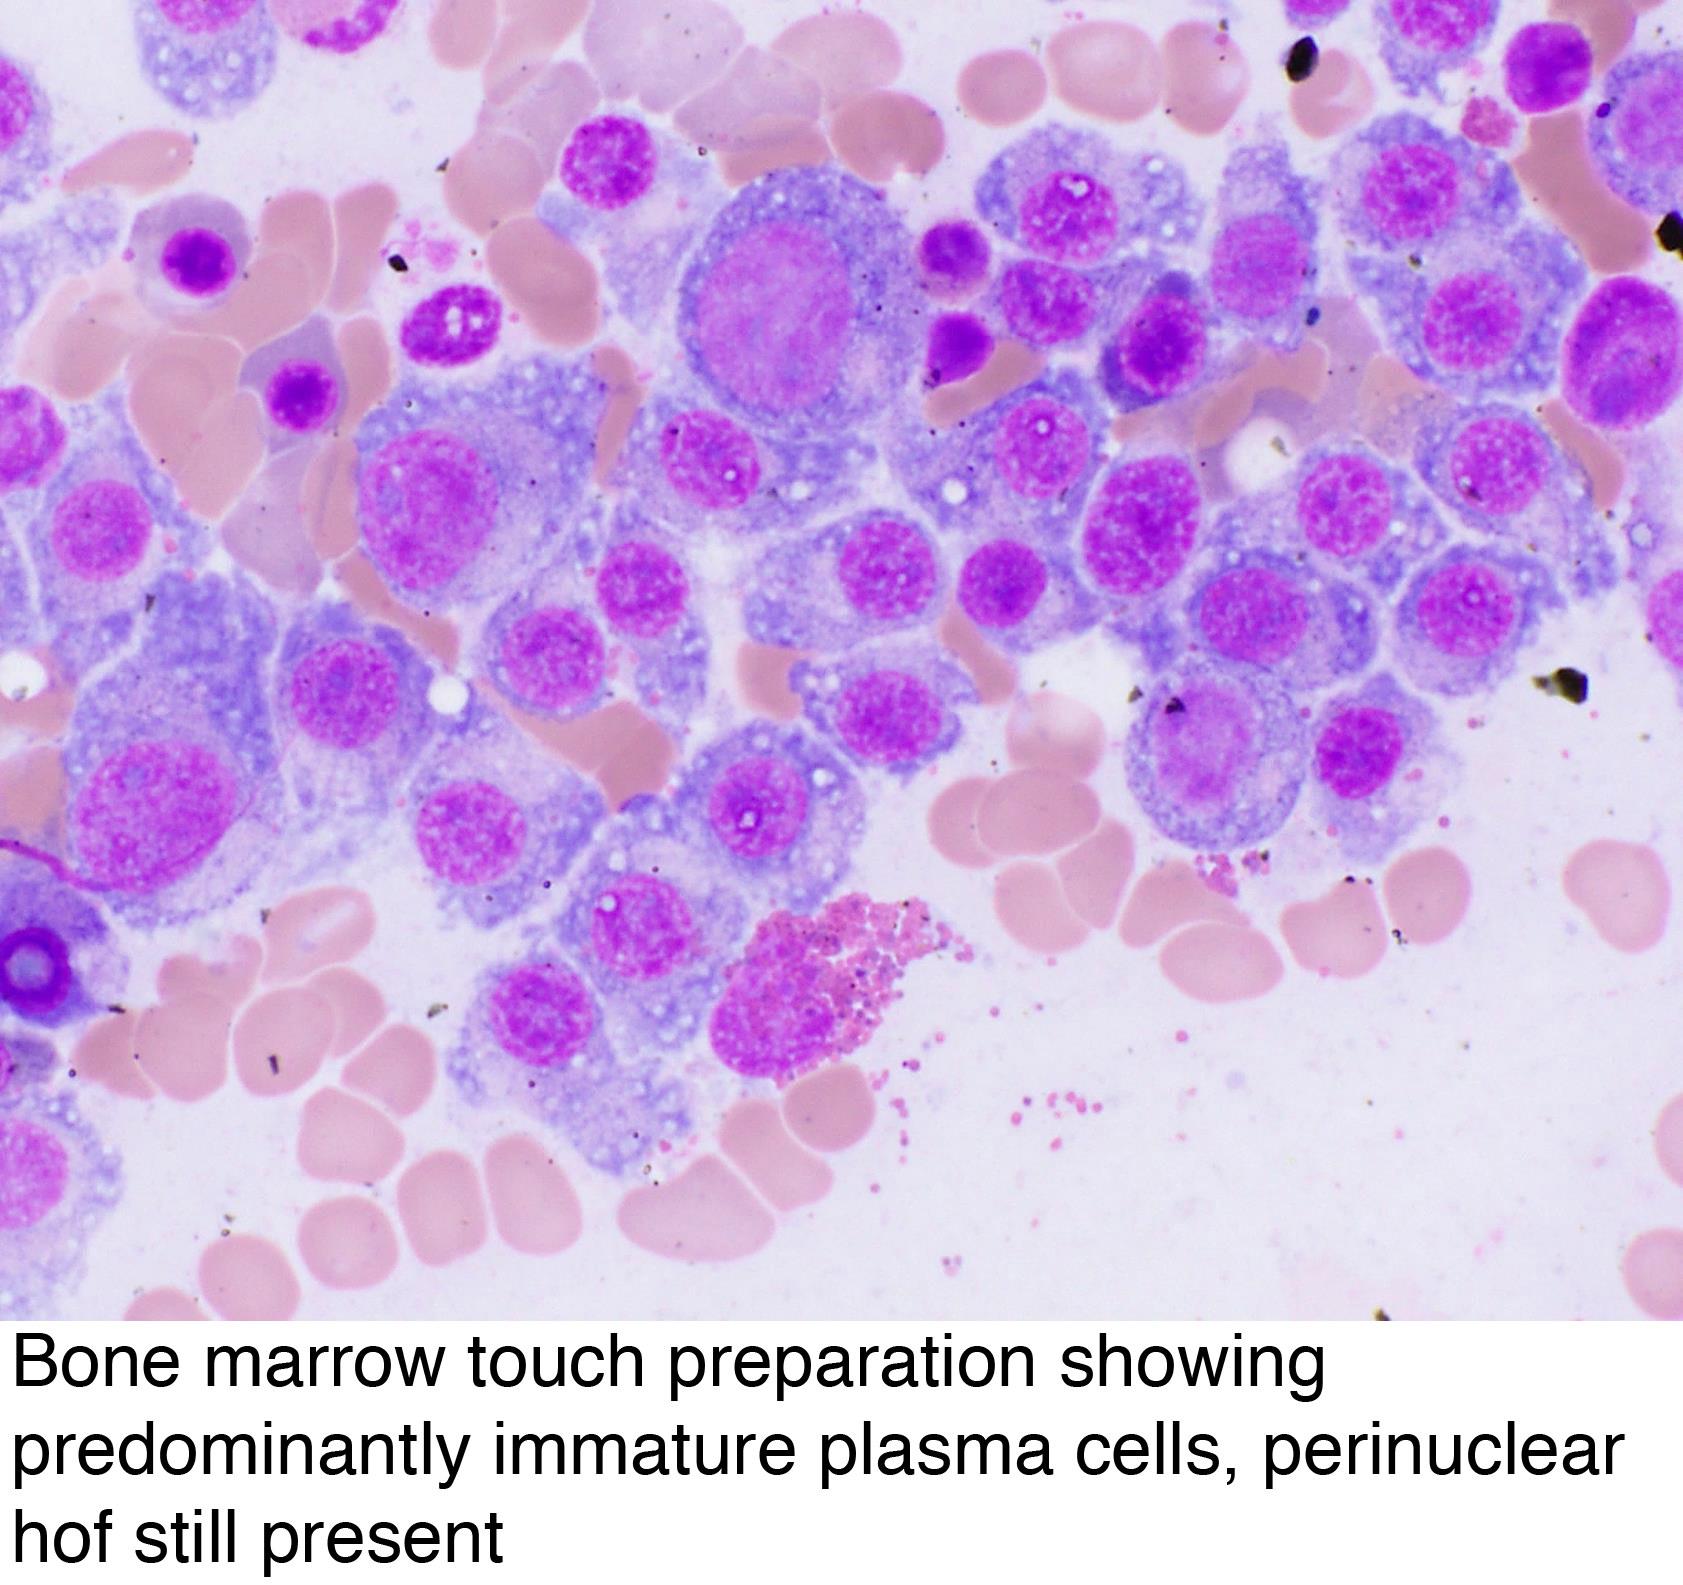 Pathology Outlines - Plasma cell myeloma (multiple myeloma)